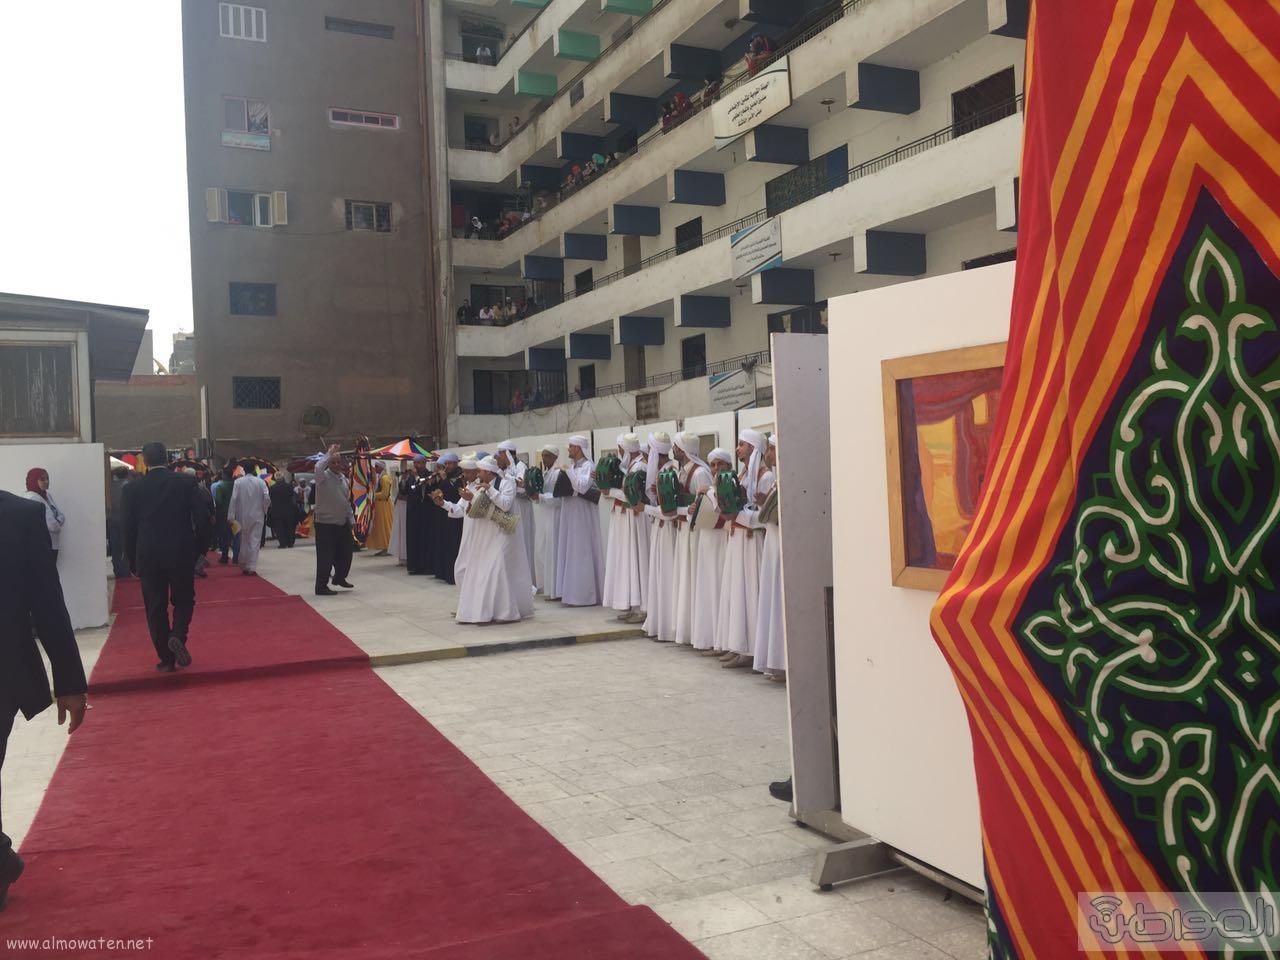 زيارة الوفد الاعلامي السعودي لقصور الثقافة بالقاهرة (1)